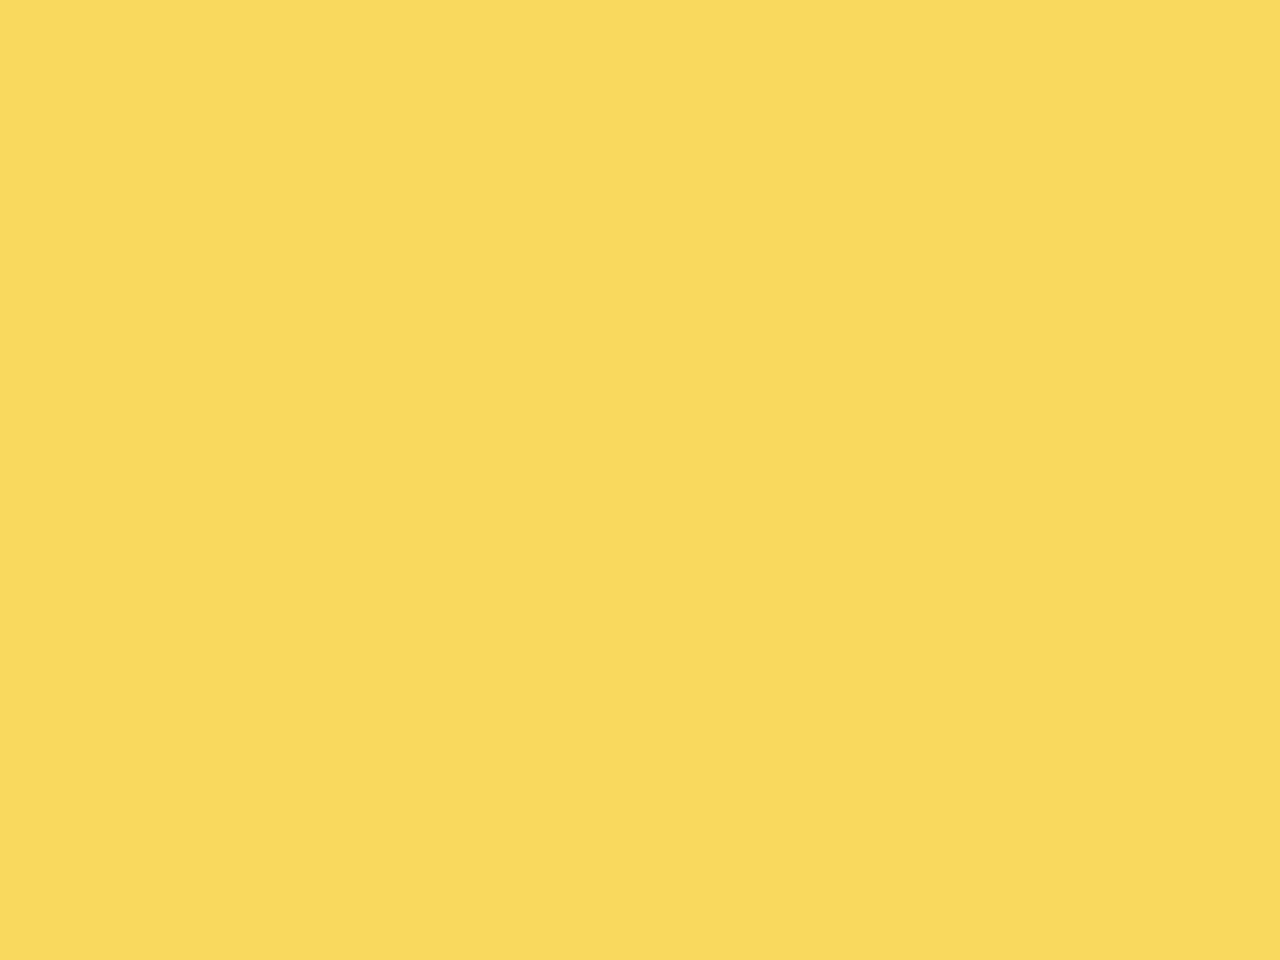 1280x960 Stil De Grain Yellow Solid Color Background